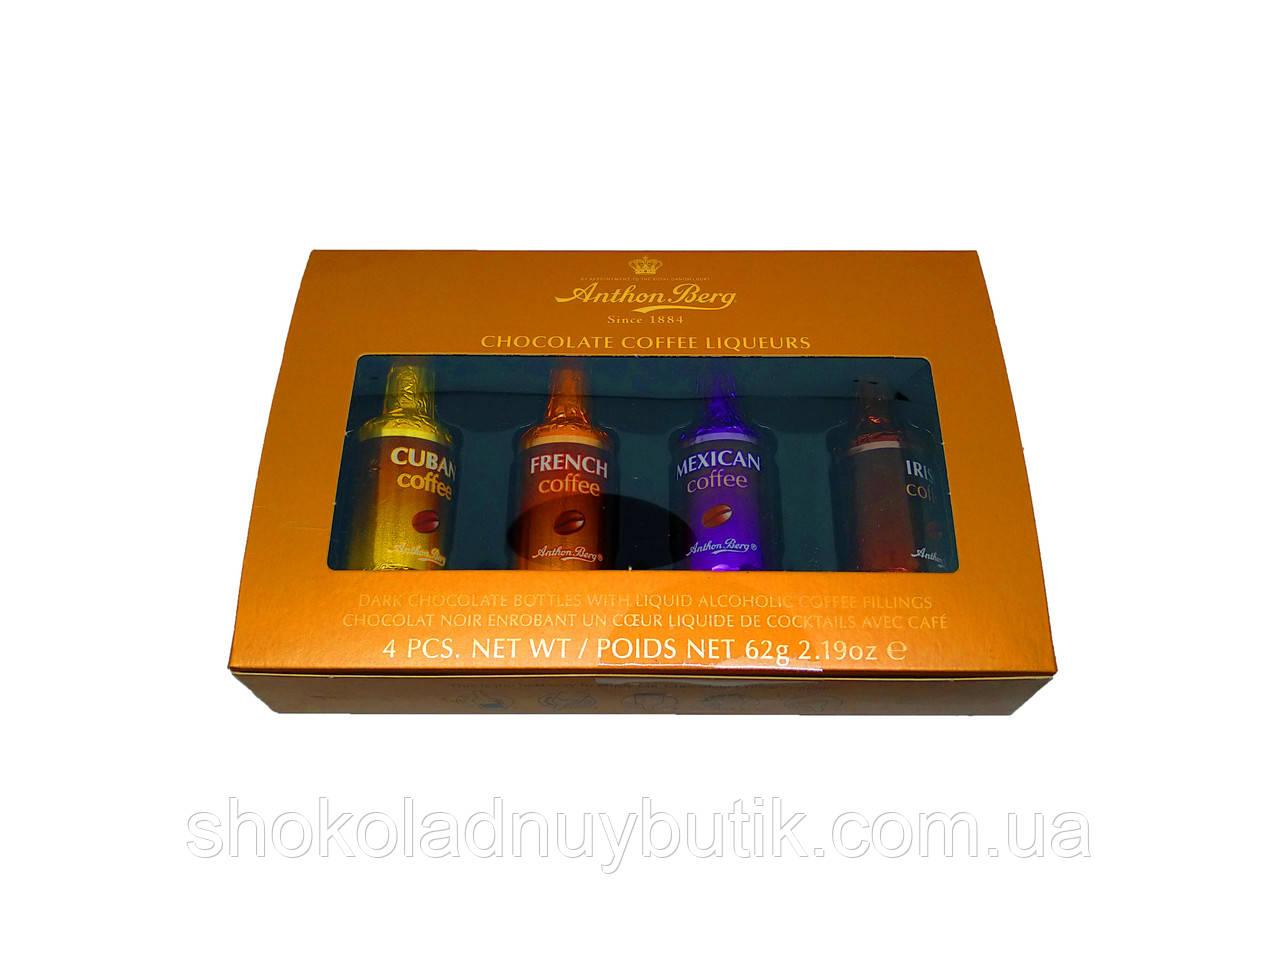 Anthon Berg шоколадные конфеты с ликером